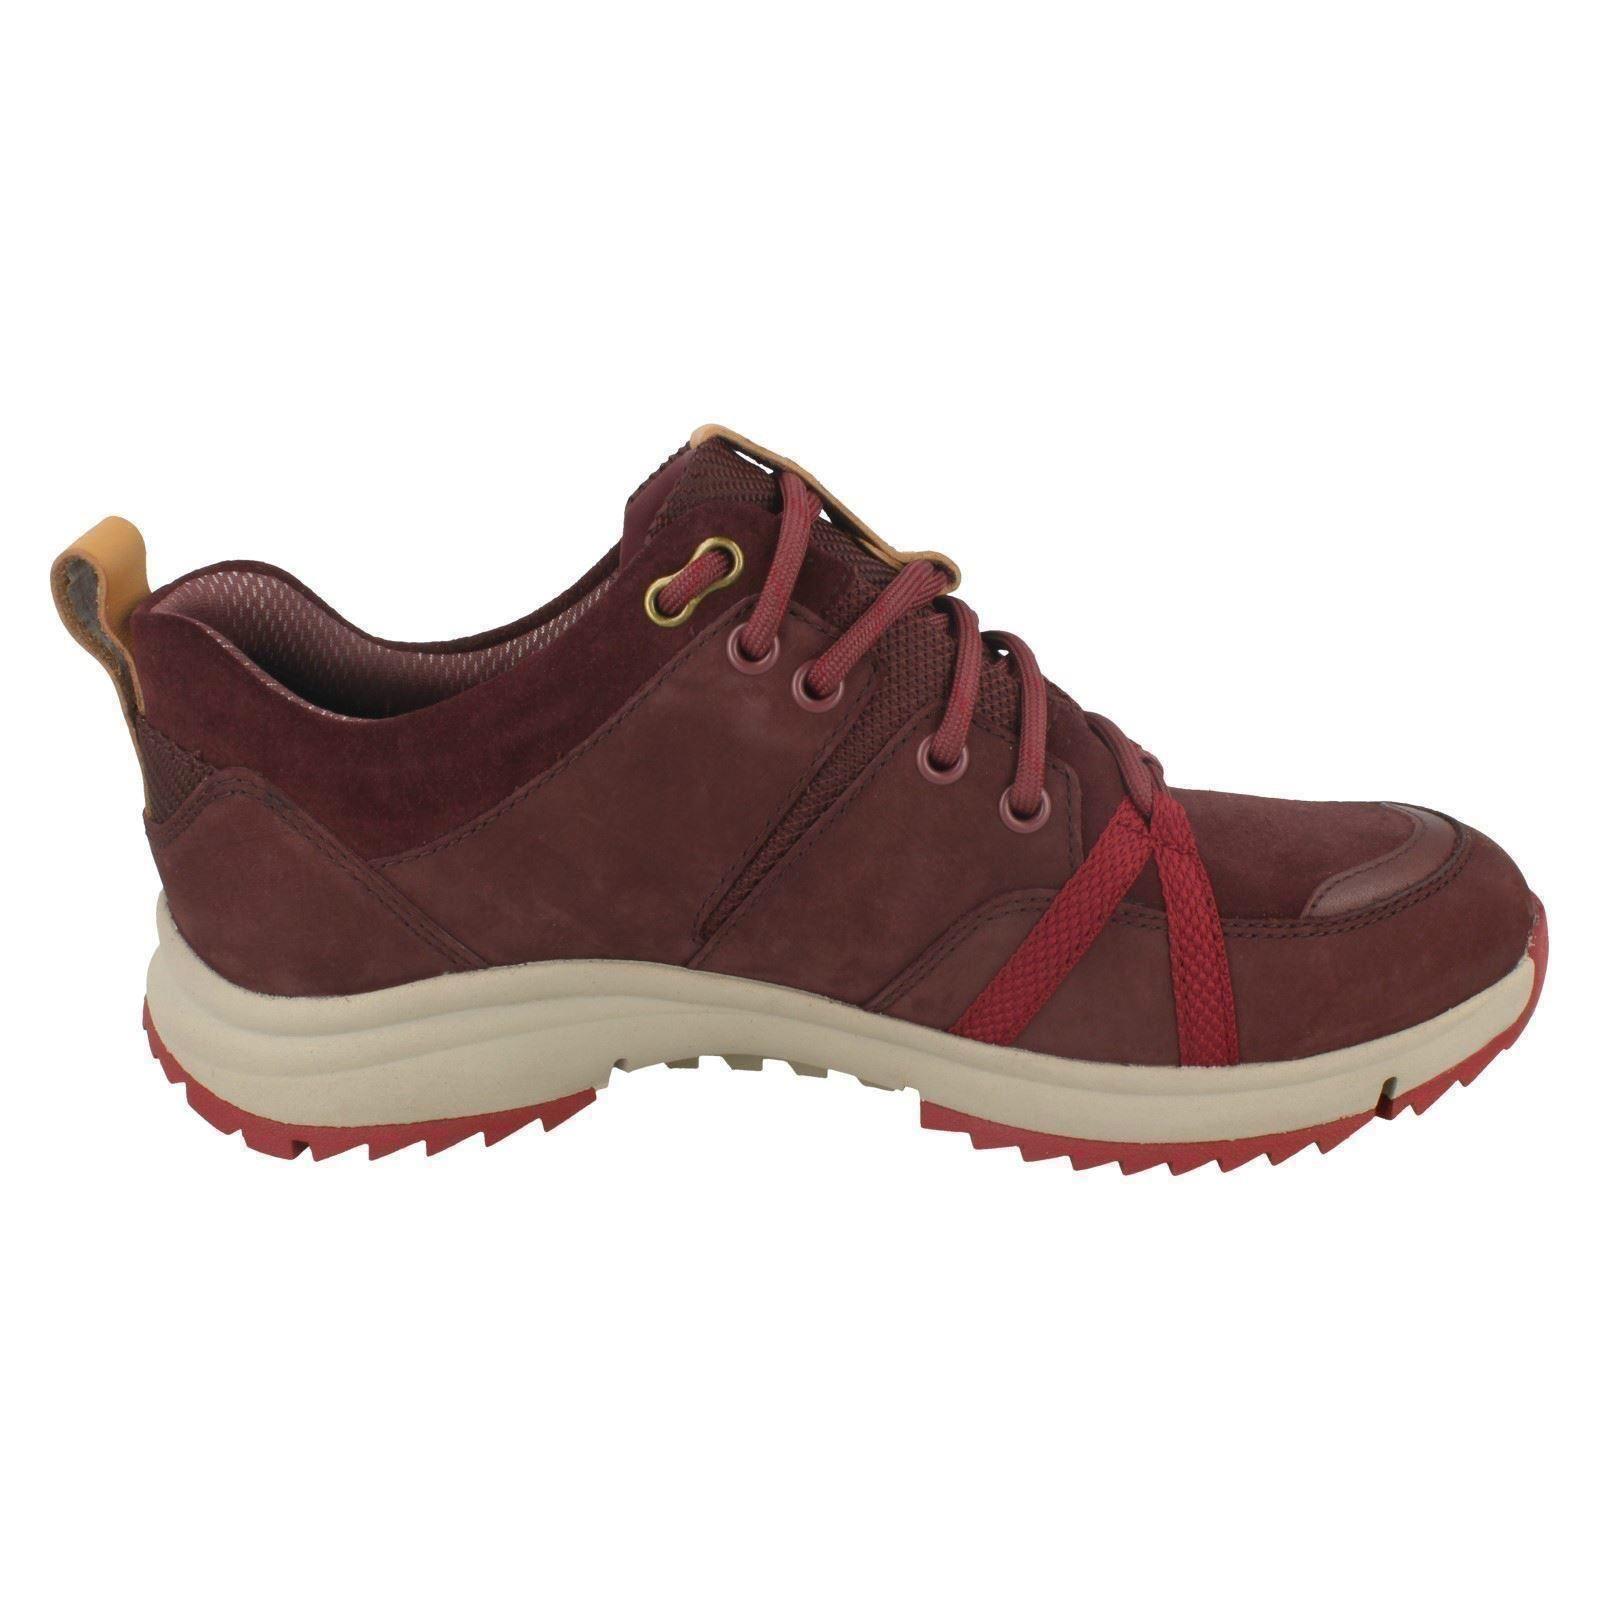 mesdames clarks formateur style chaussures - - tri - - trek gtx 05cec4